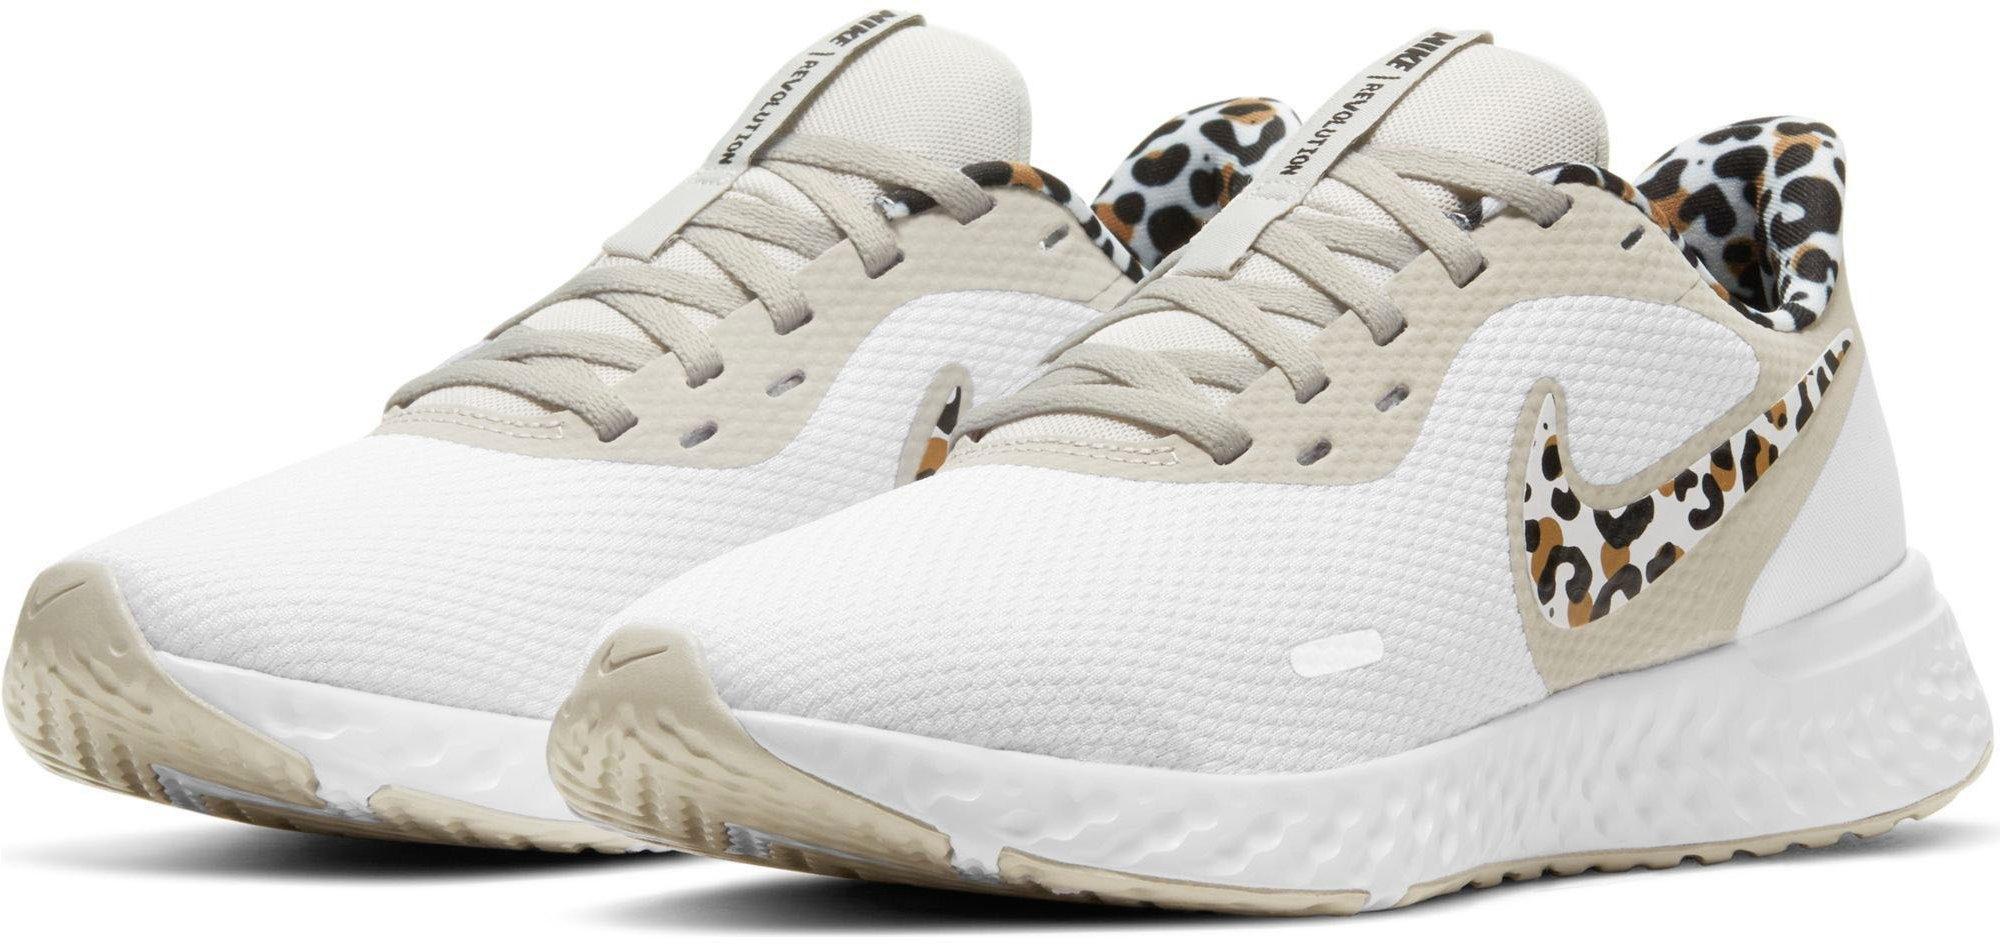 Nike runningschoenen Revolution 5 nu online kopen bij OTTO